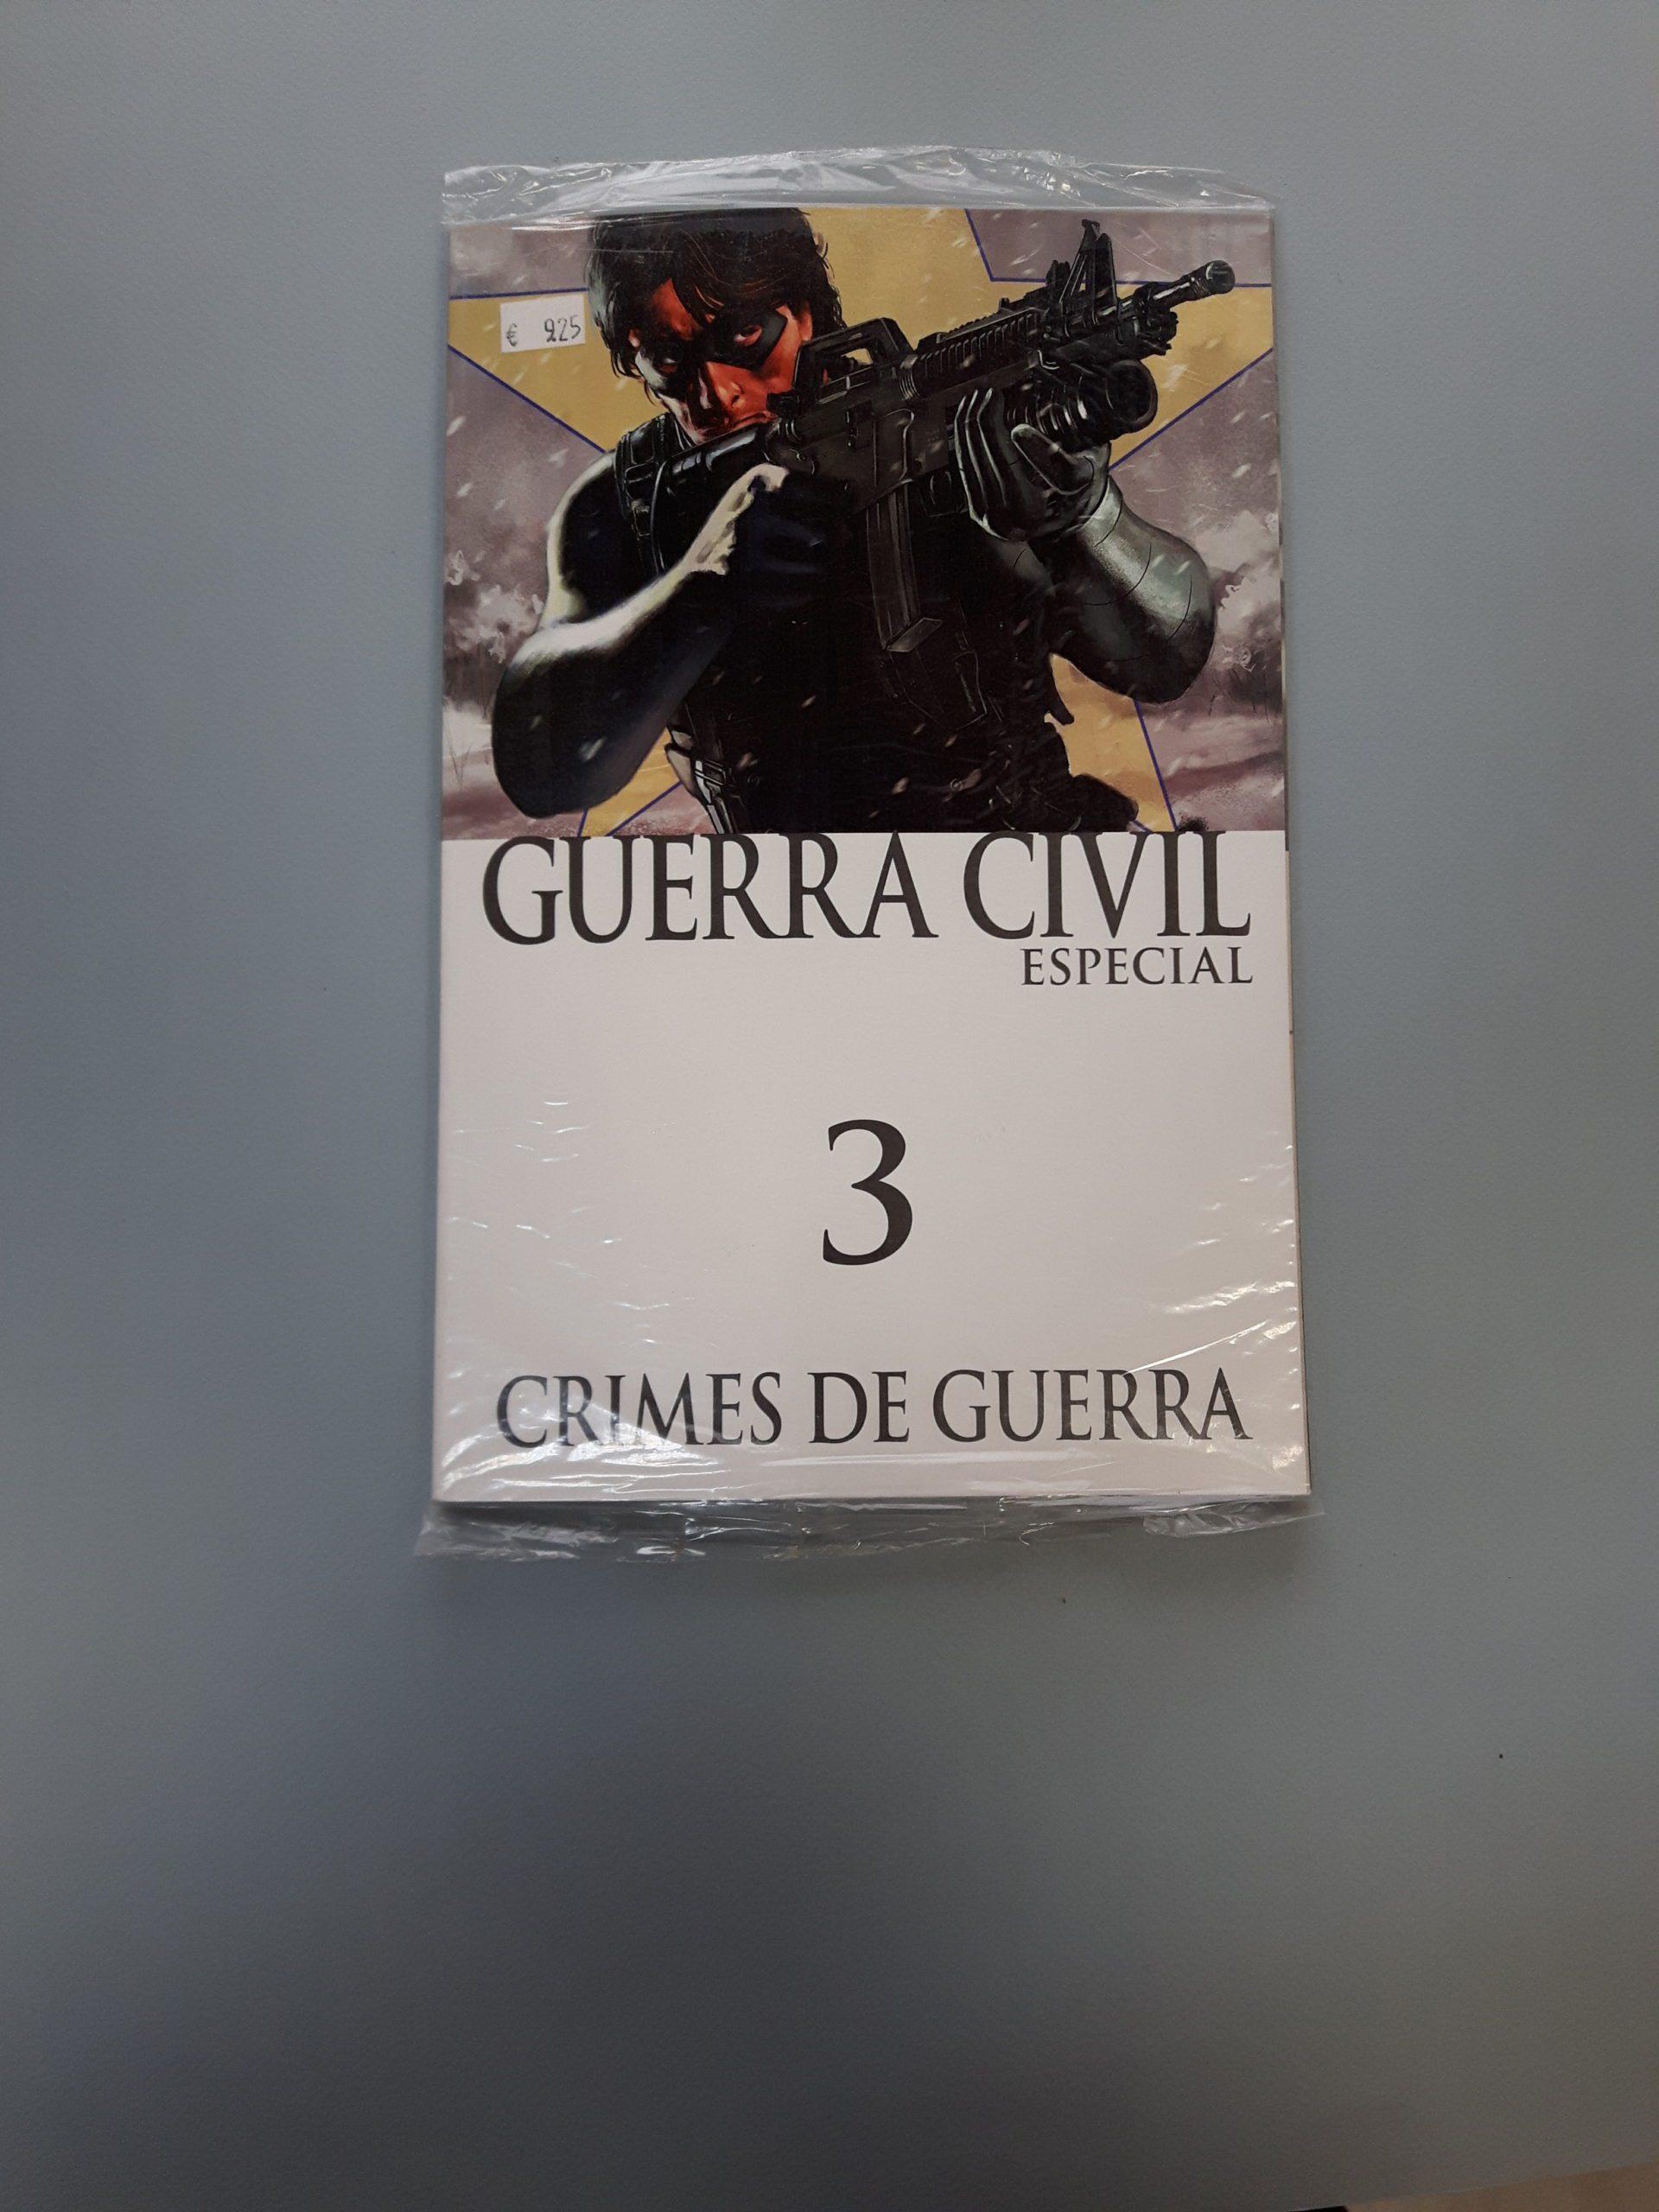 GUERRA CIVIL ESPECIAL #3: CRIMES DE GUERRA